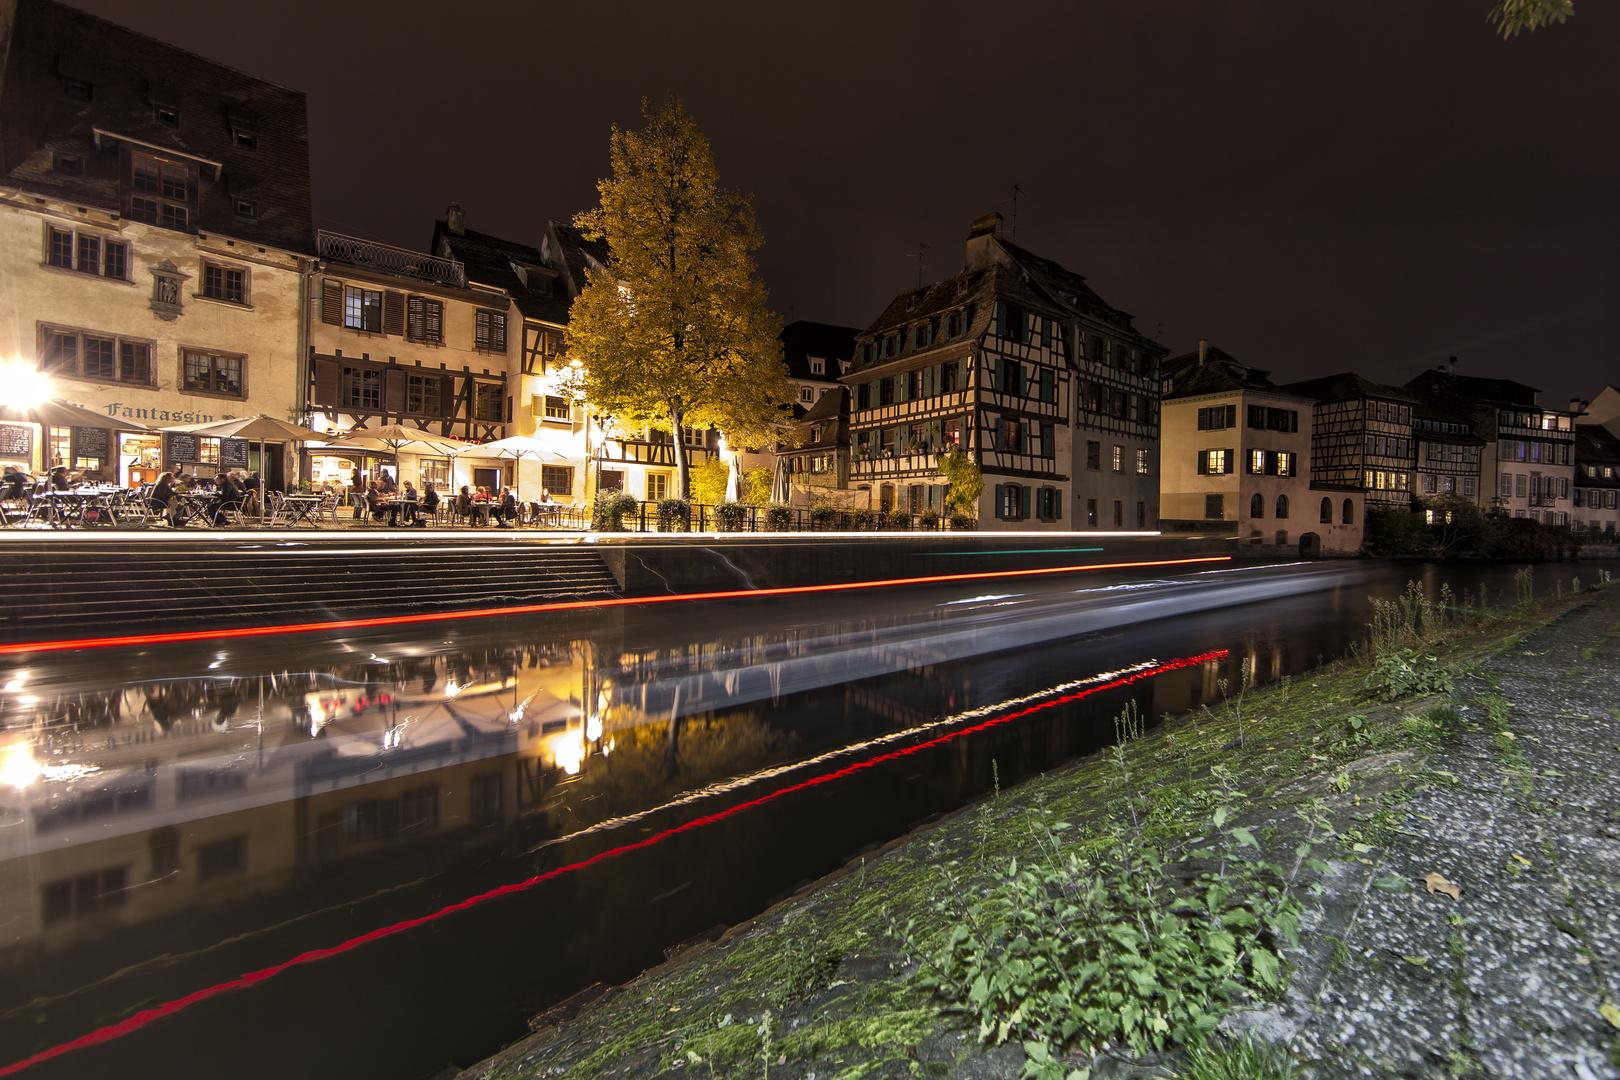 Sraßburg an einem lauen Oktoberabend 2013